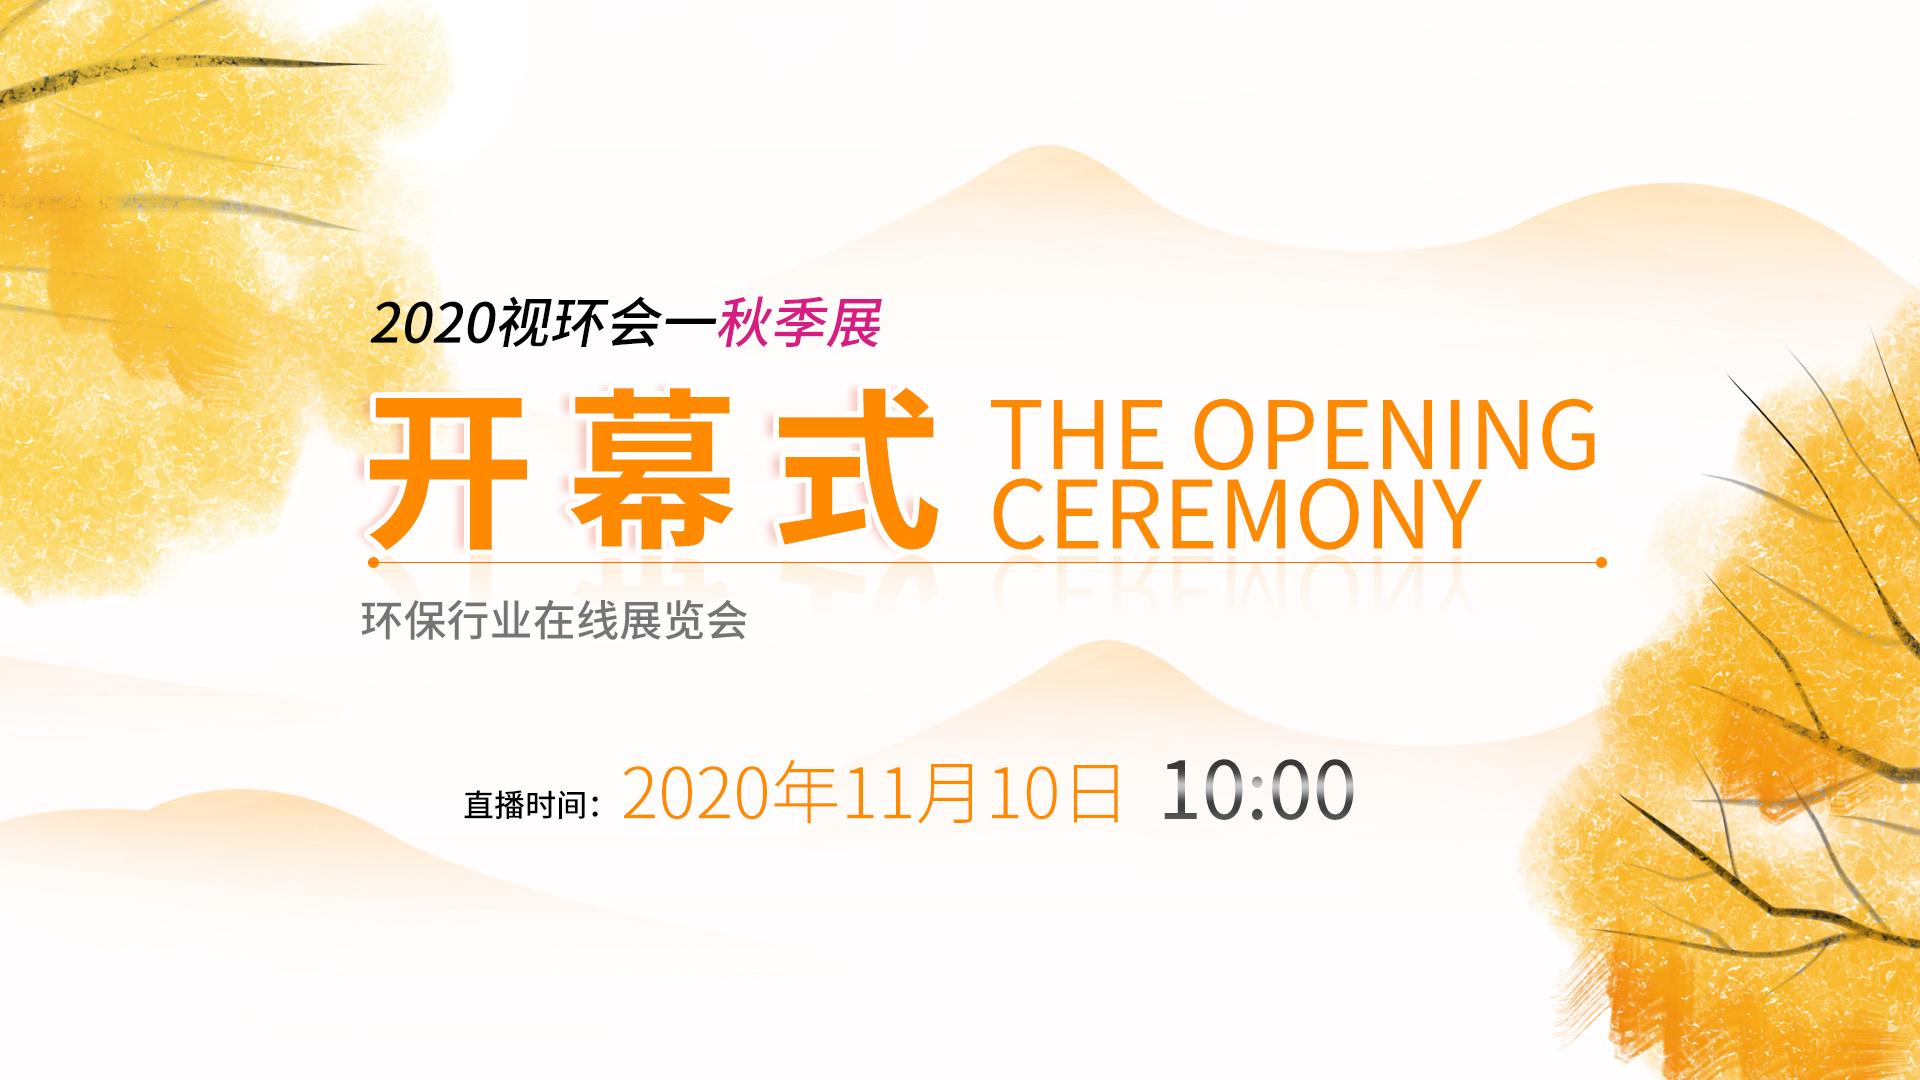 预告:2020视环会-秋季展11月10日即将开幕